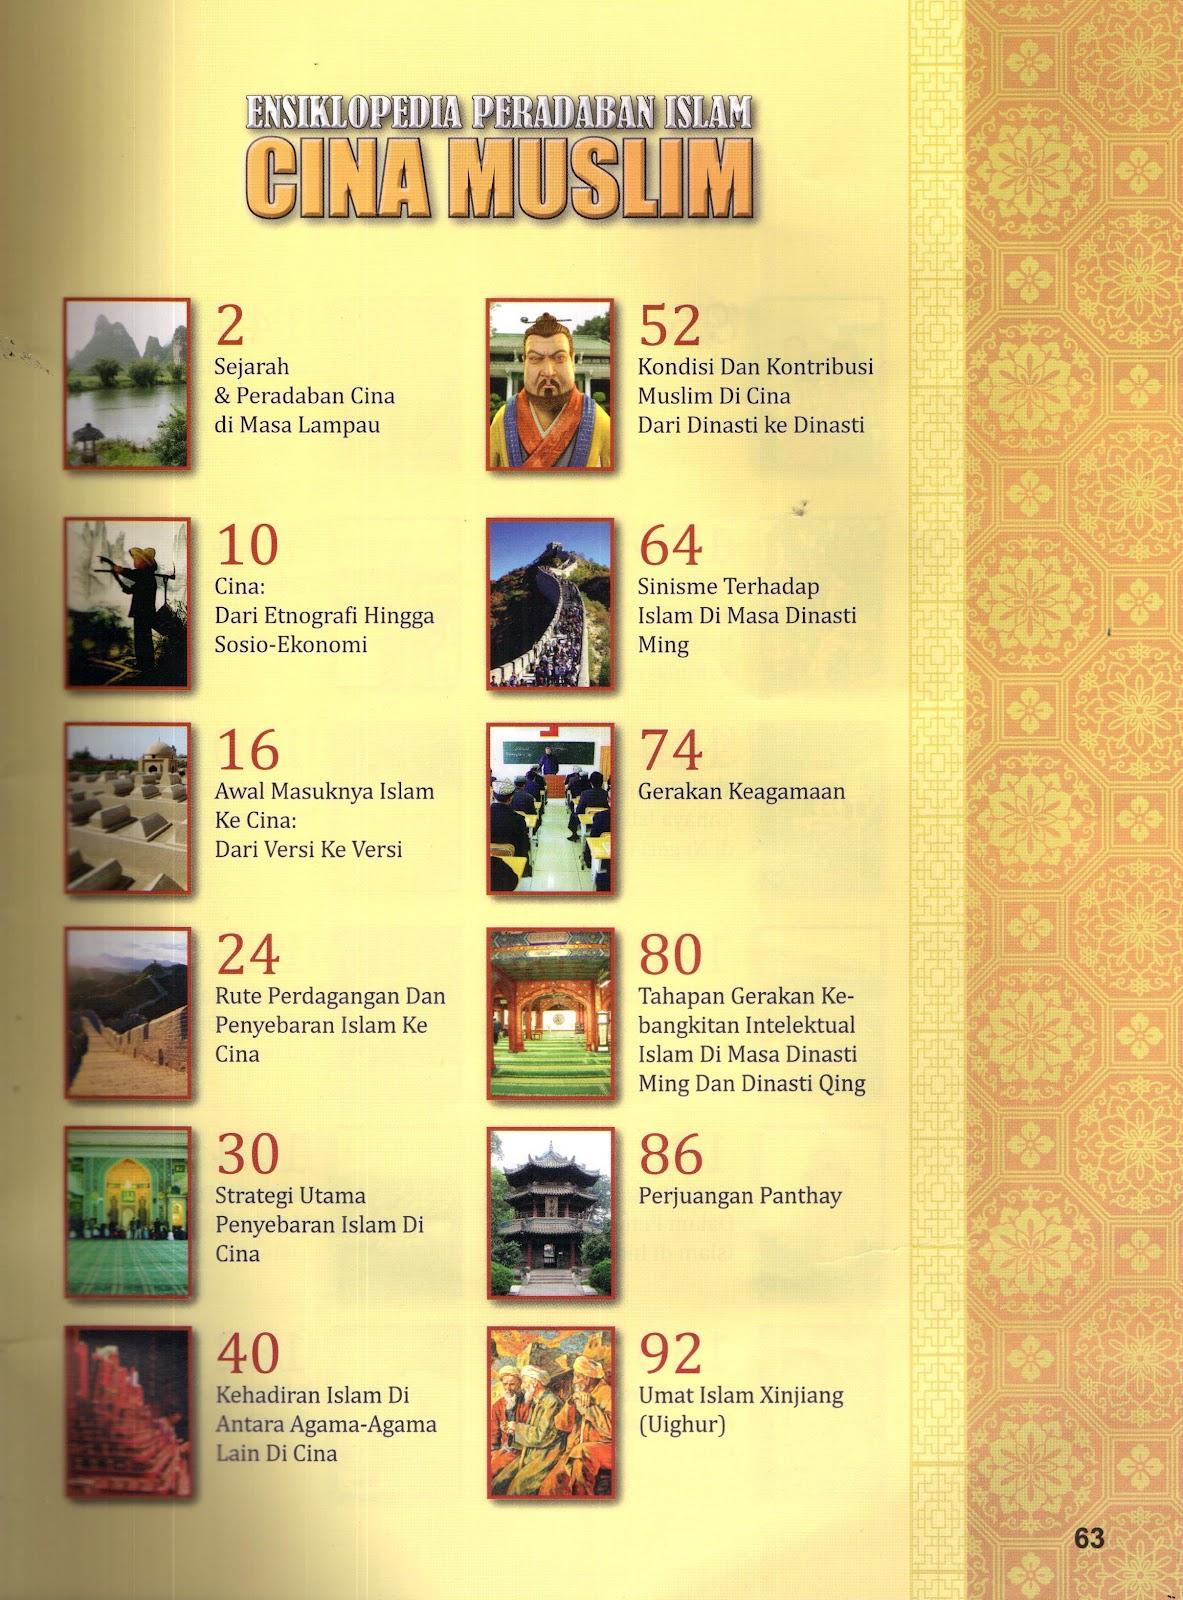 Daftar Nama Tokoh Syiah Di Indonesia